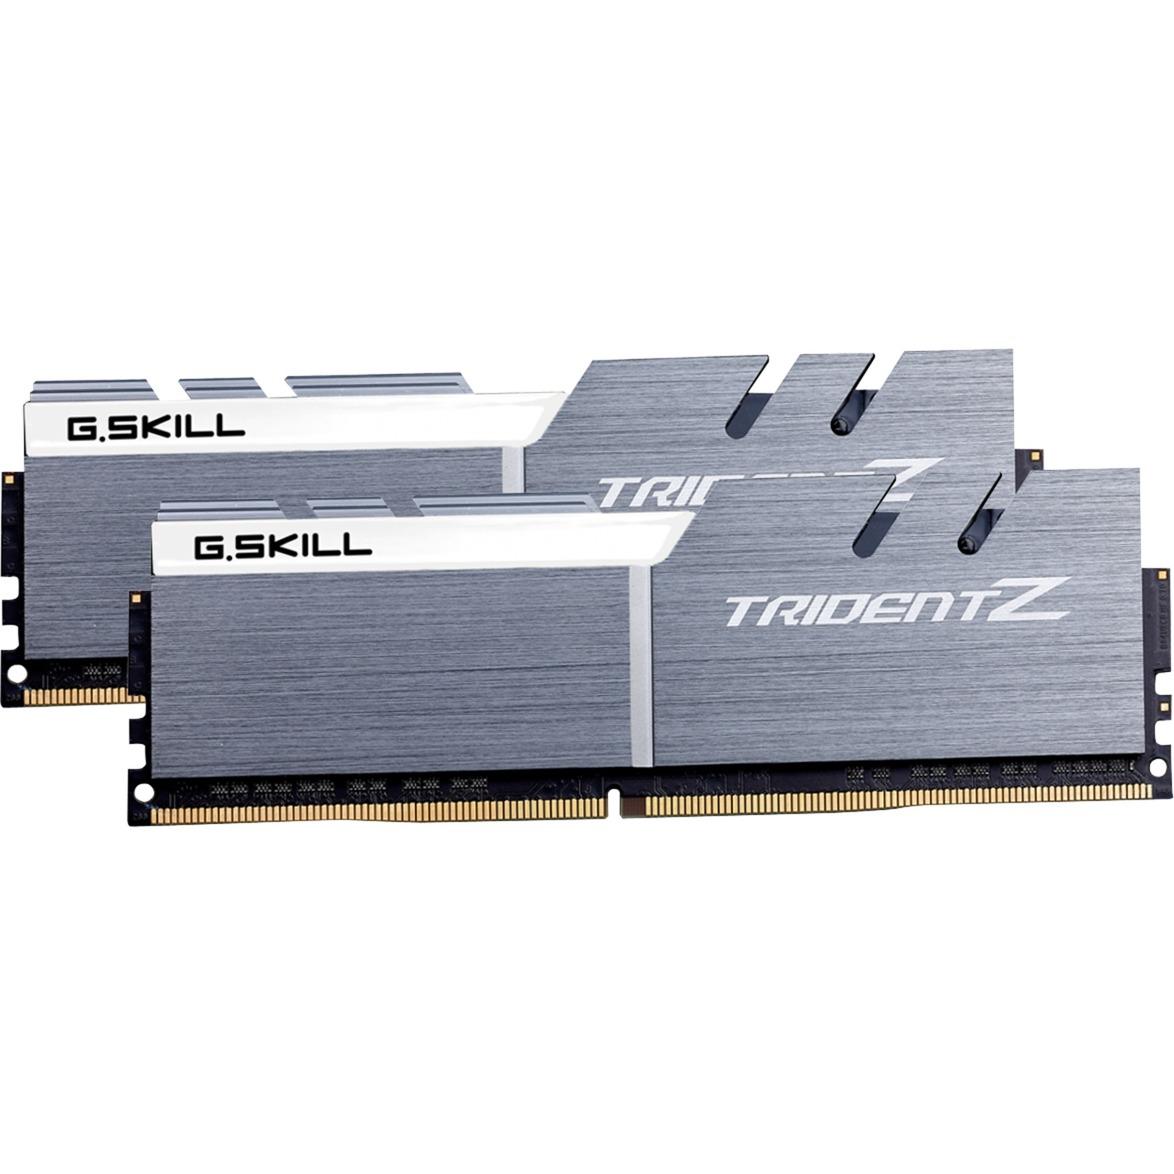 D432GB 3200-14 Trident Z K2 GSK, Mémoire